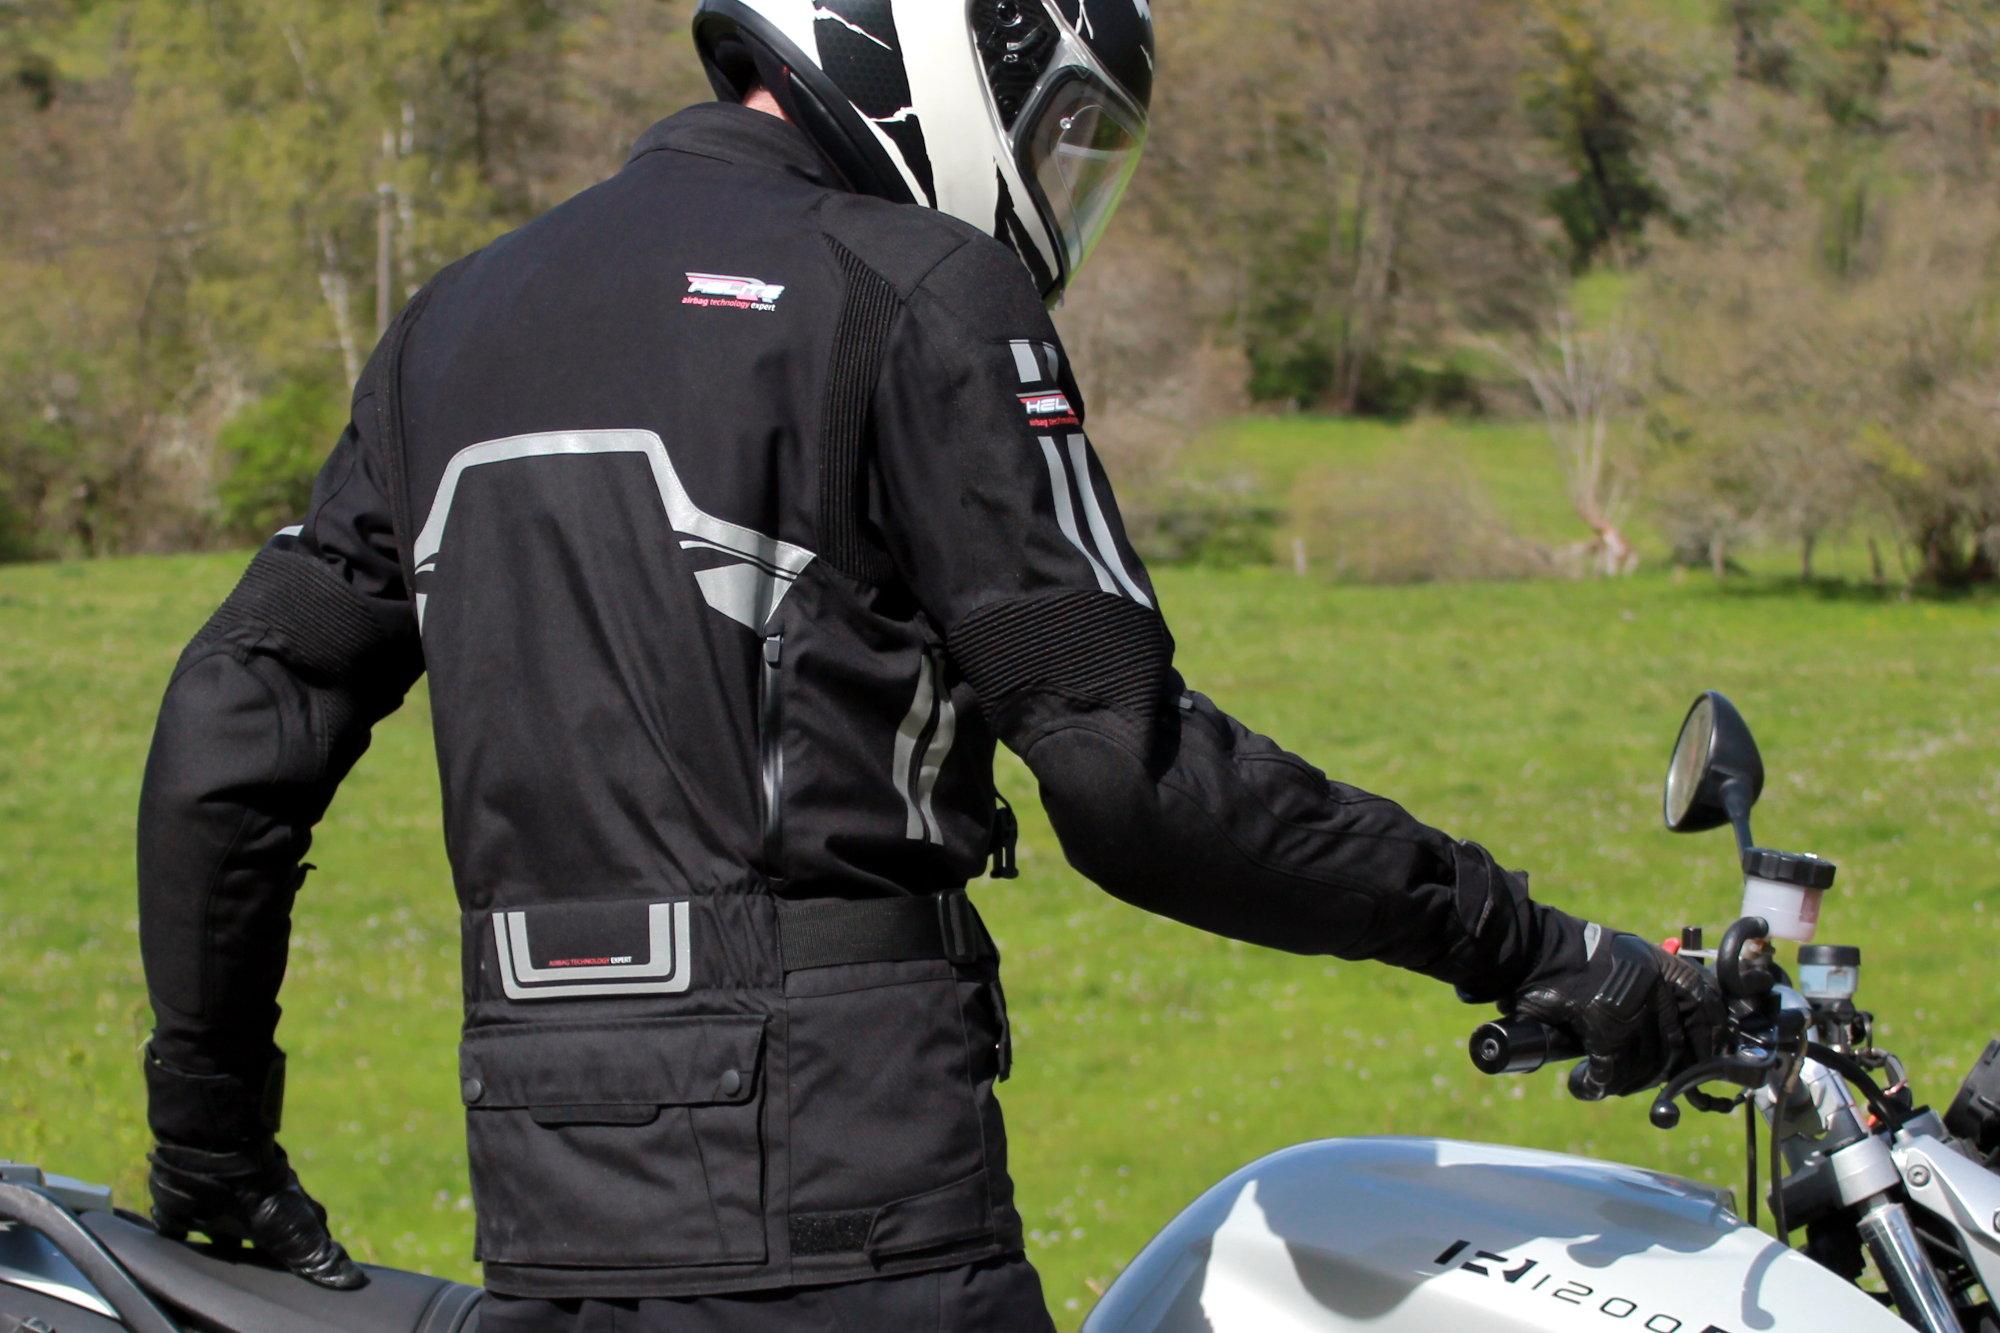 Dos Helite Touring 2 airbag moto